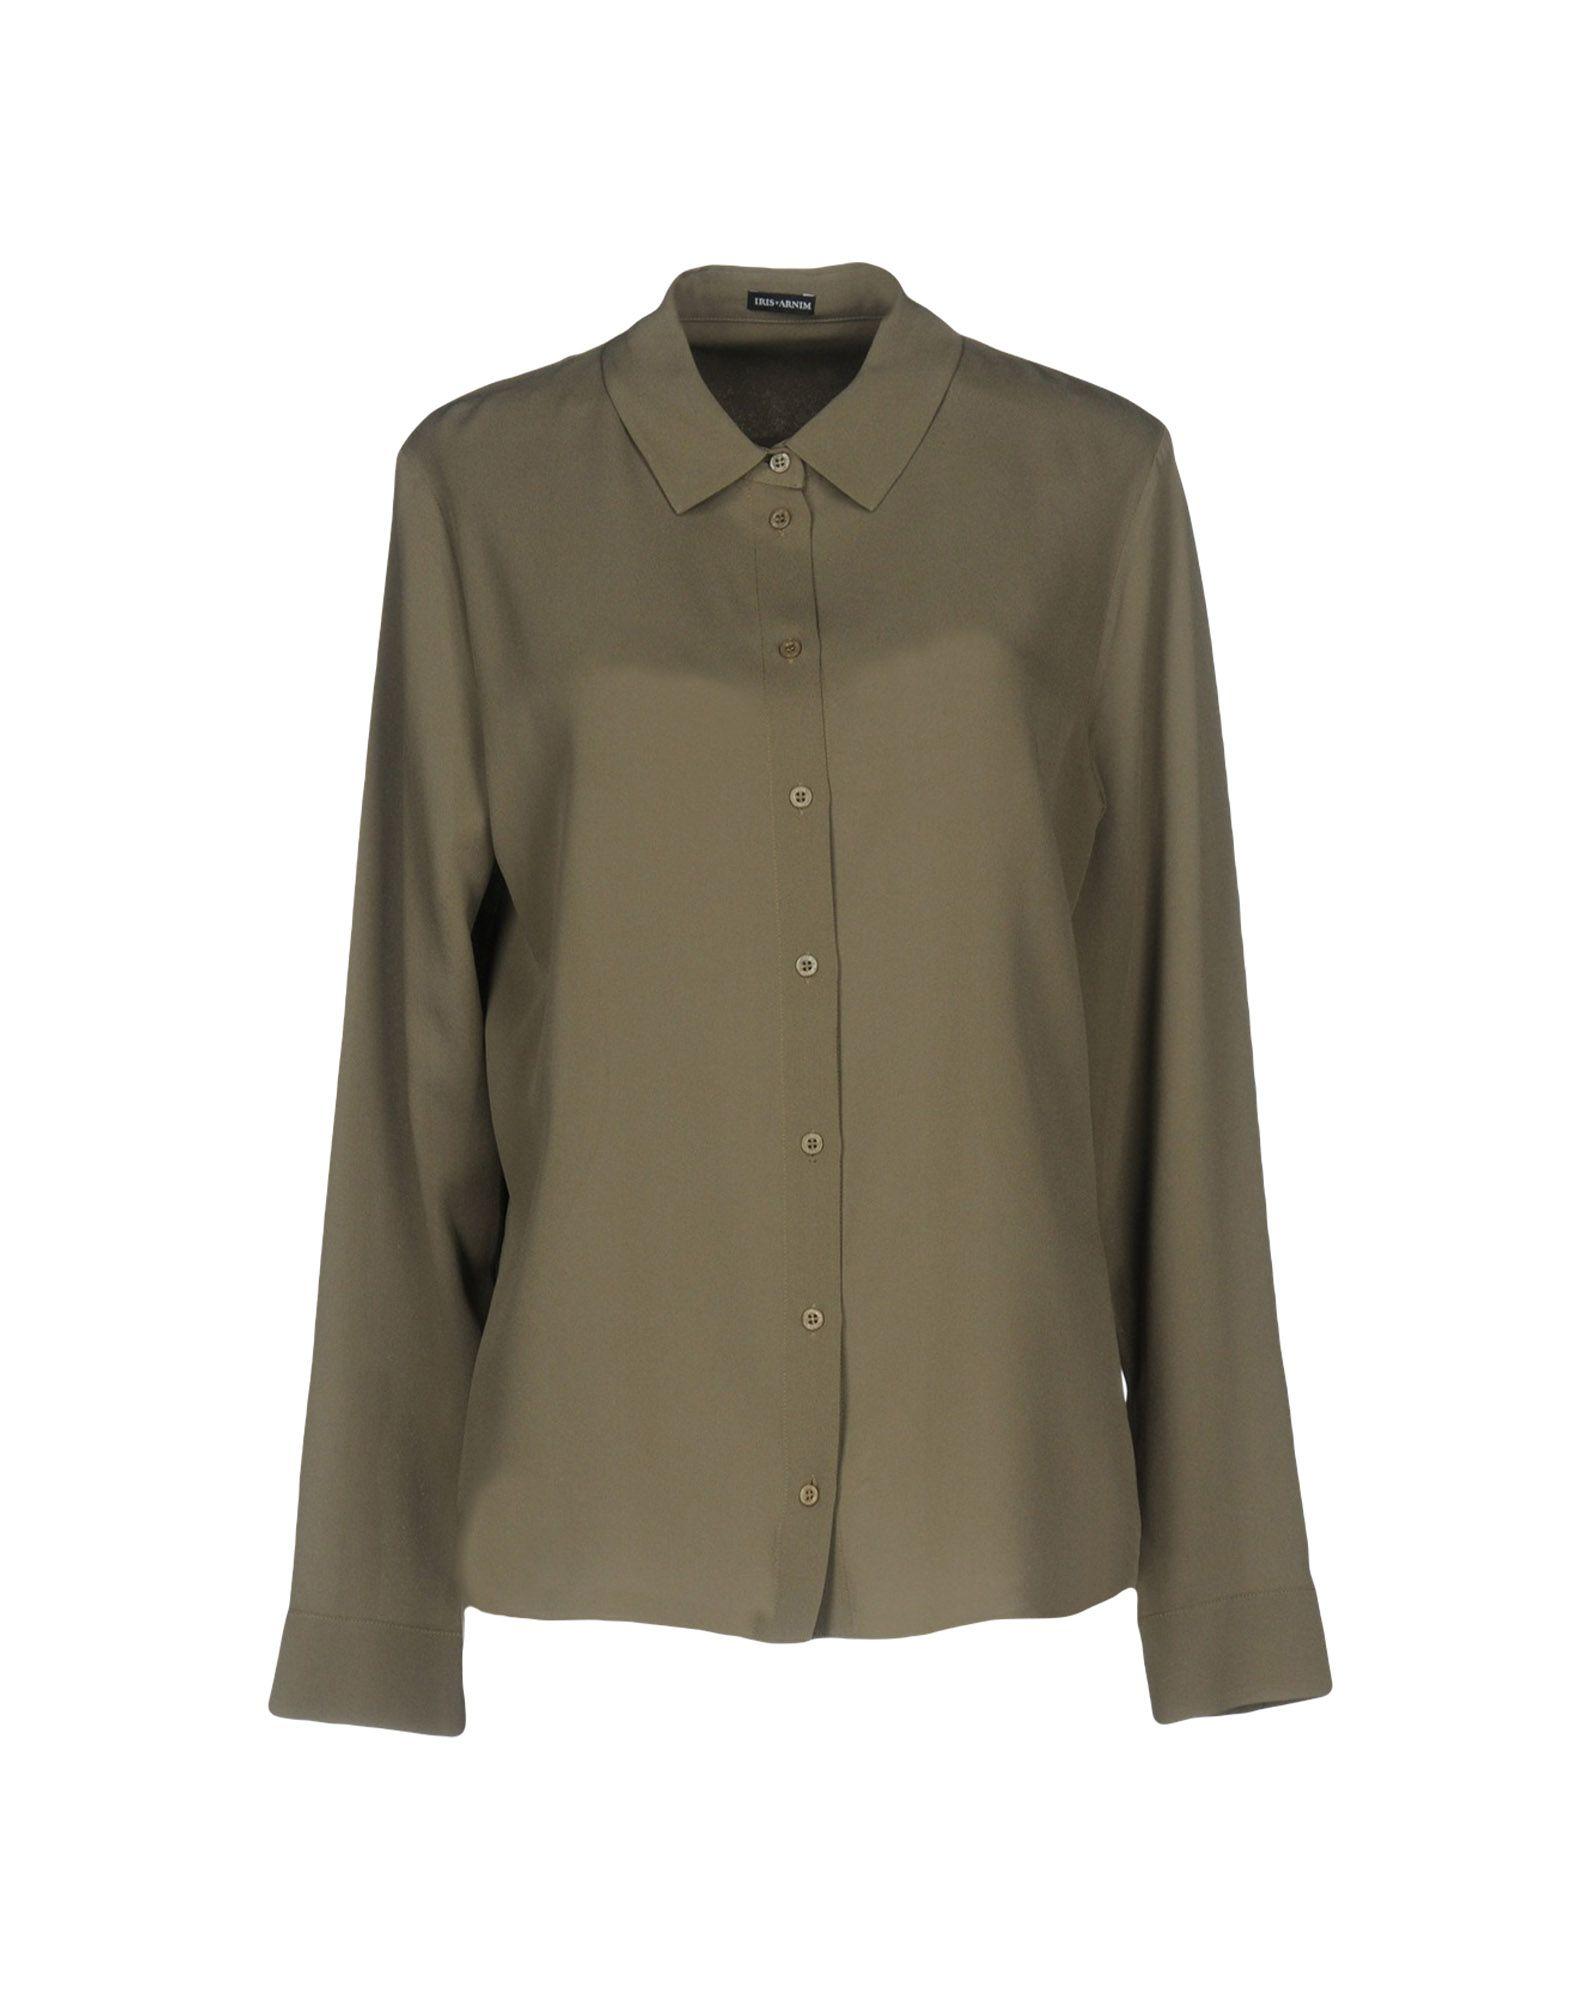 IRIS VAN HERPEN Silk Shirts & Blouses in Grey